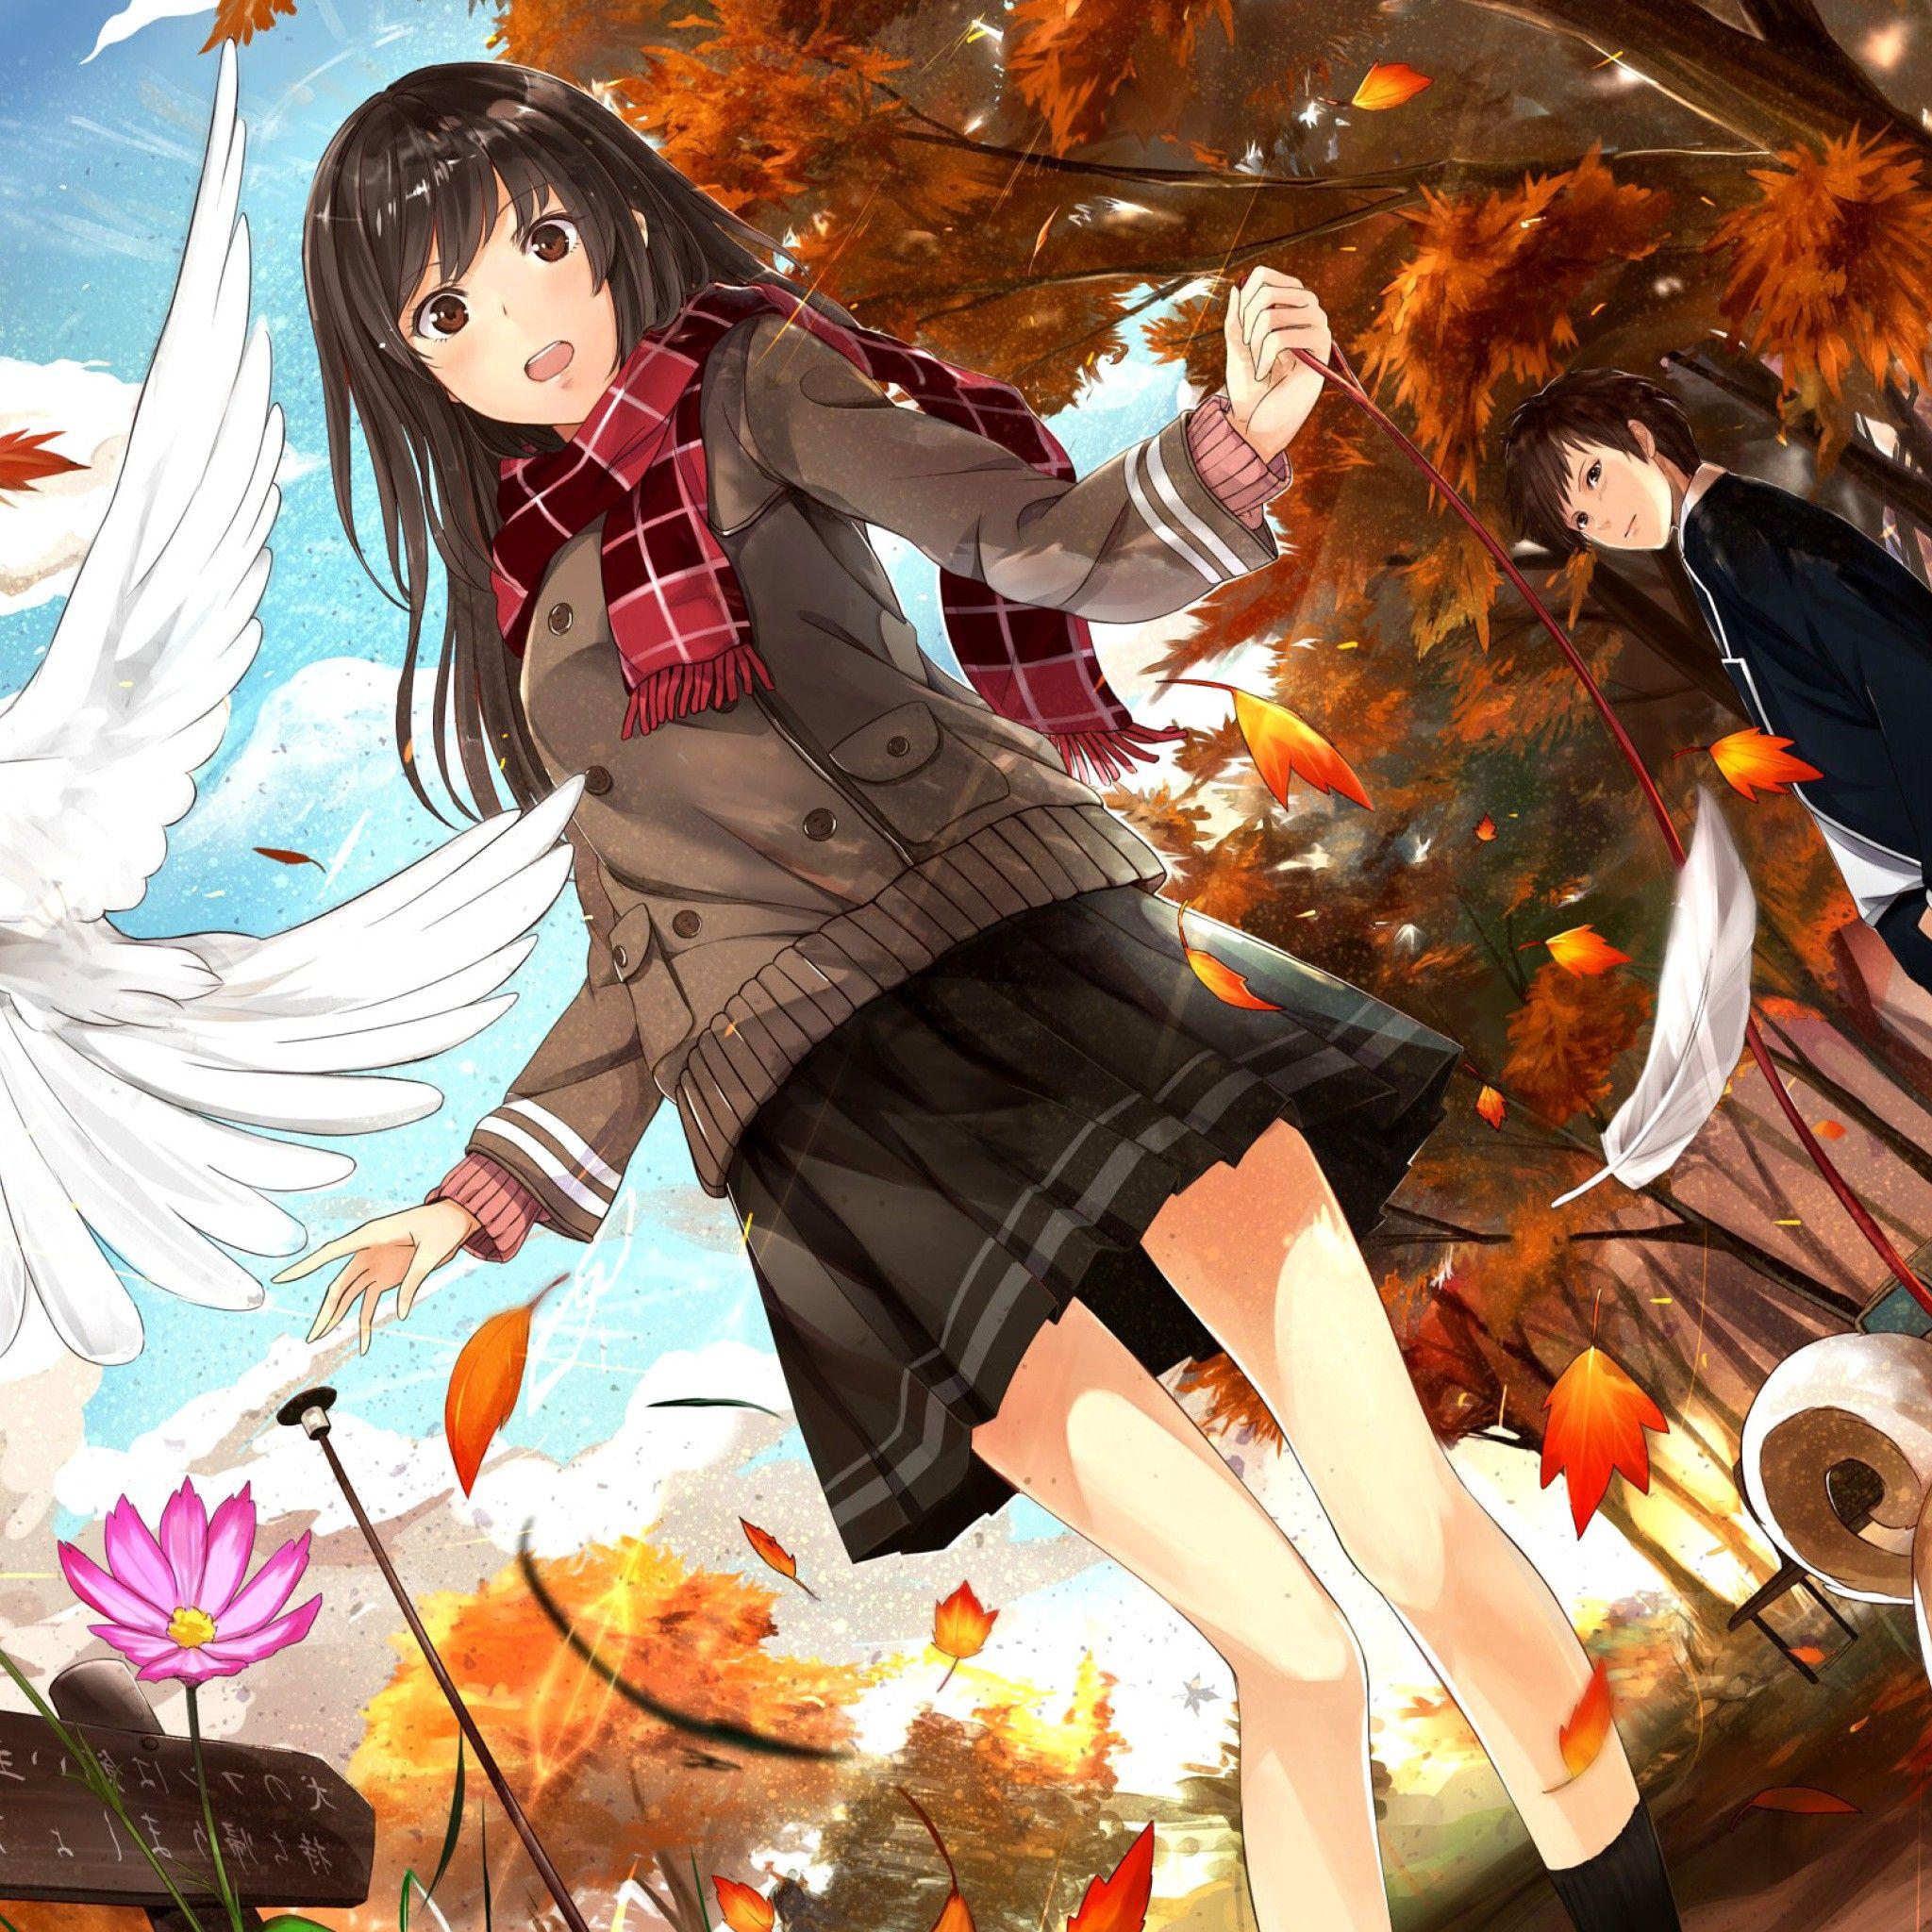 Kazabana fuuka tap to see more thanksgiving anime - Thanksgiving moving wallpaper ...